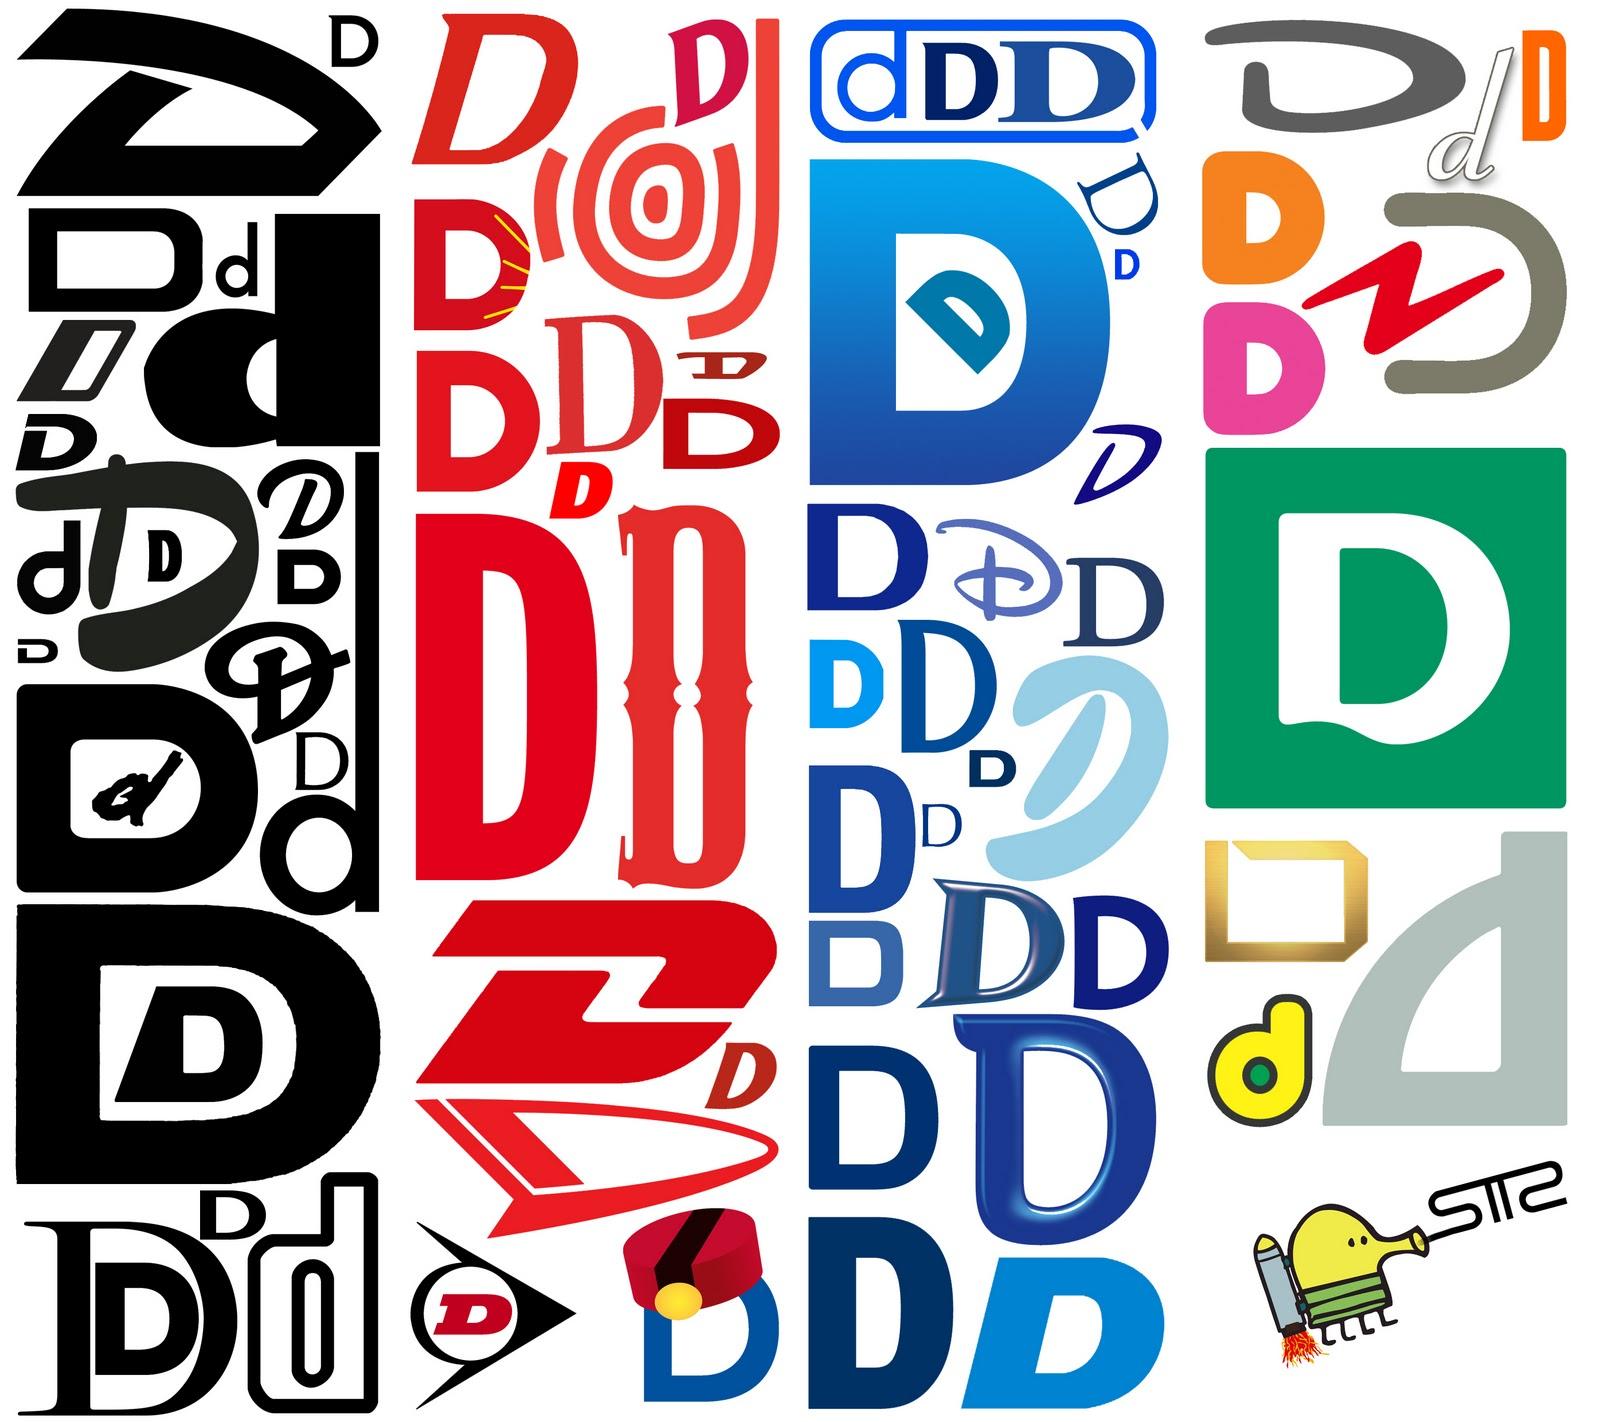 logo lettre d SanTTcheZ: Alphabet logo typographie: Lettre